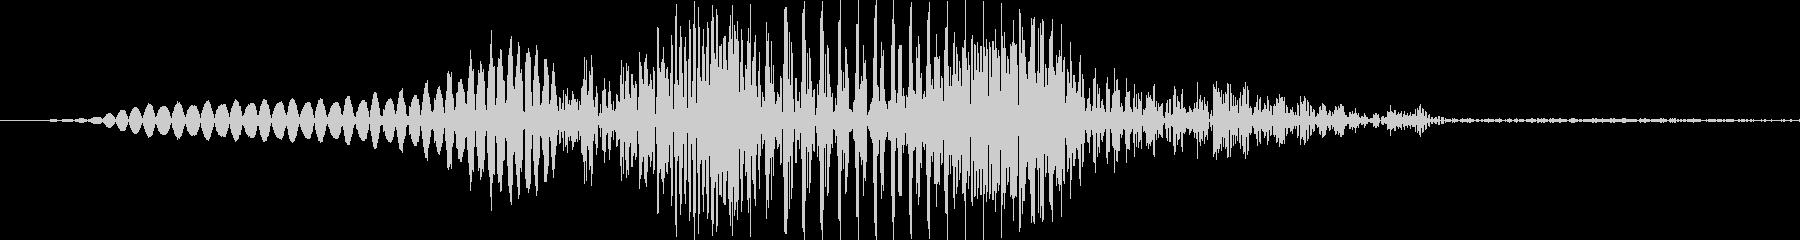 アメリカ人女性「Ya!(ヤッ!)」's unreproduced waveform